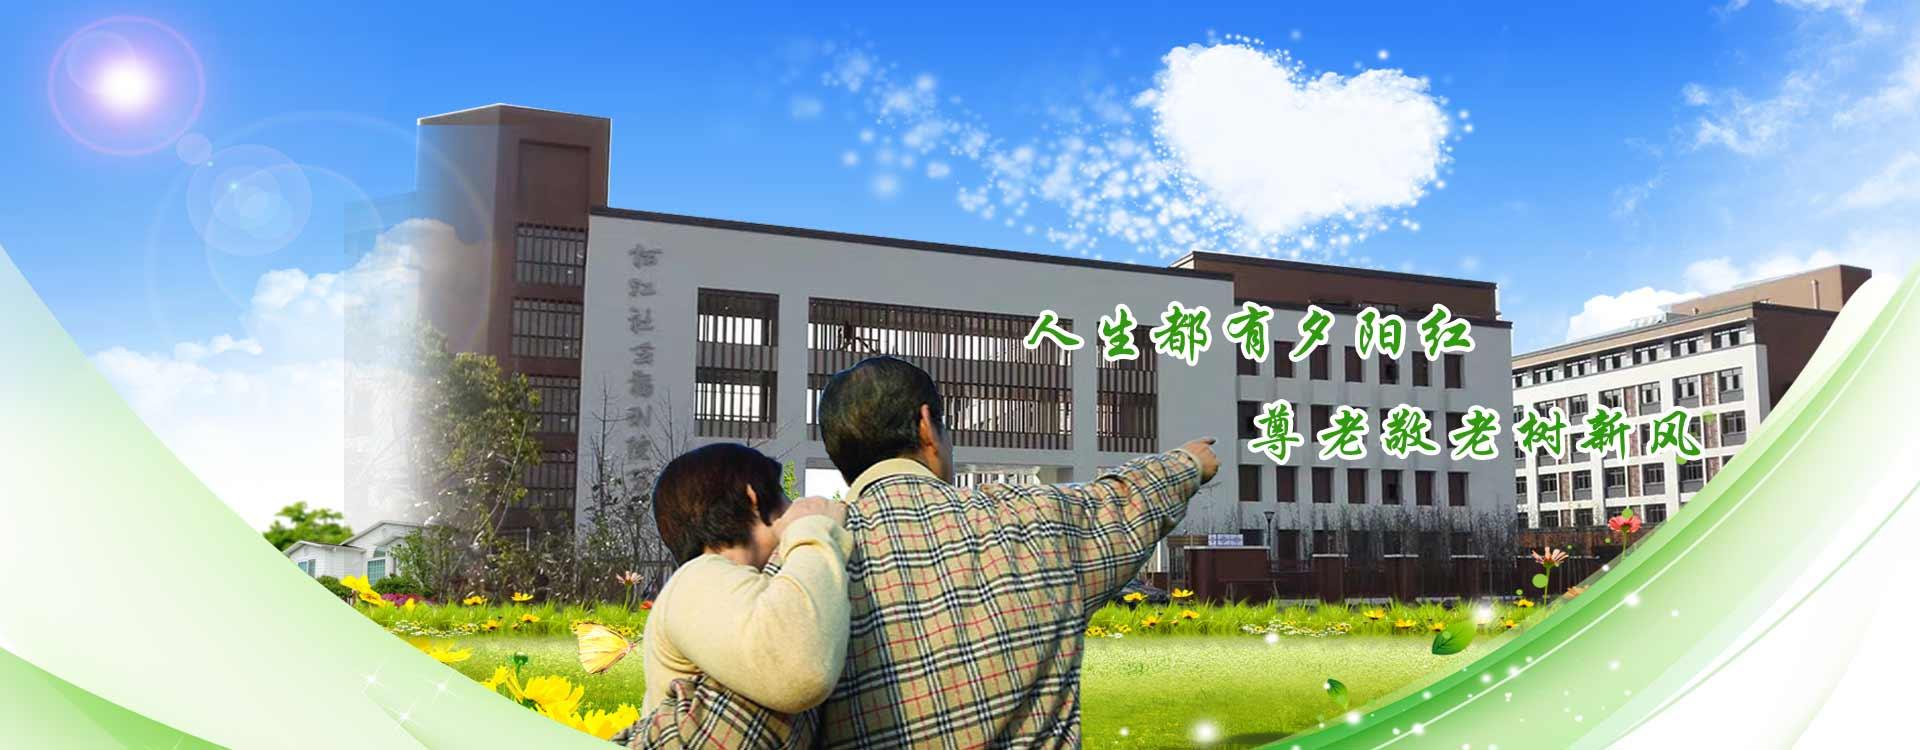 上海市松江社会福利院